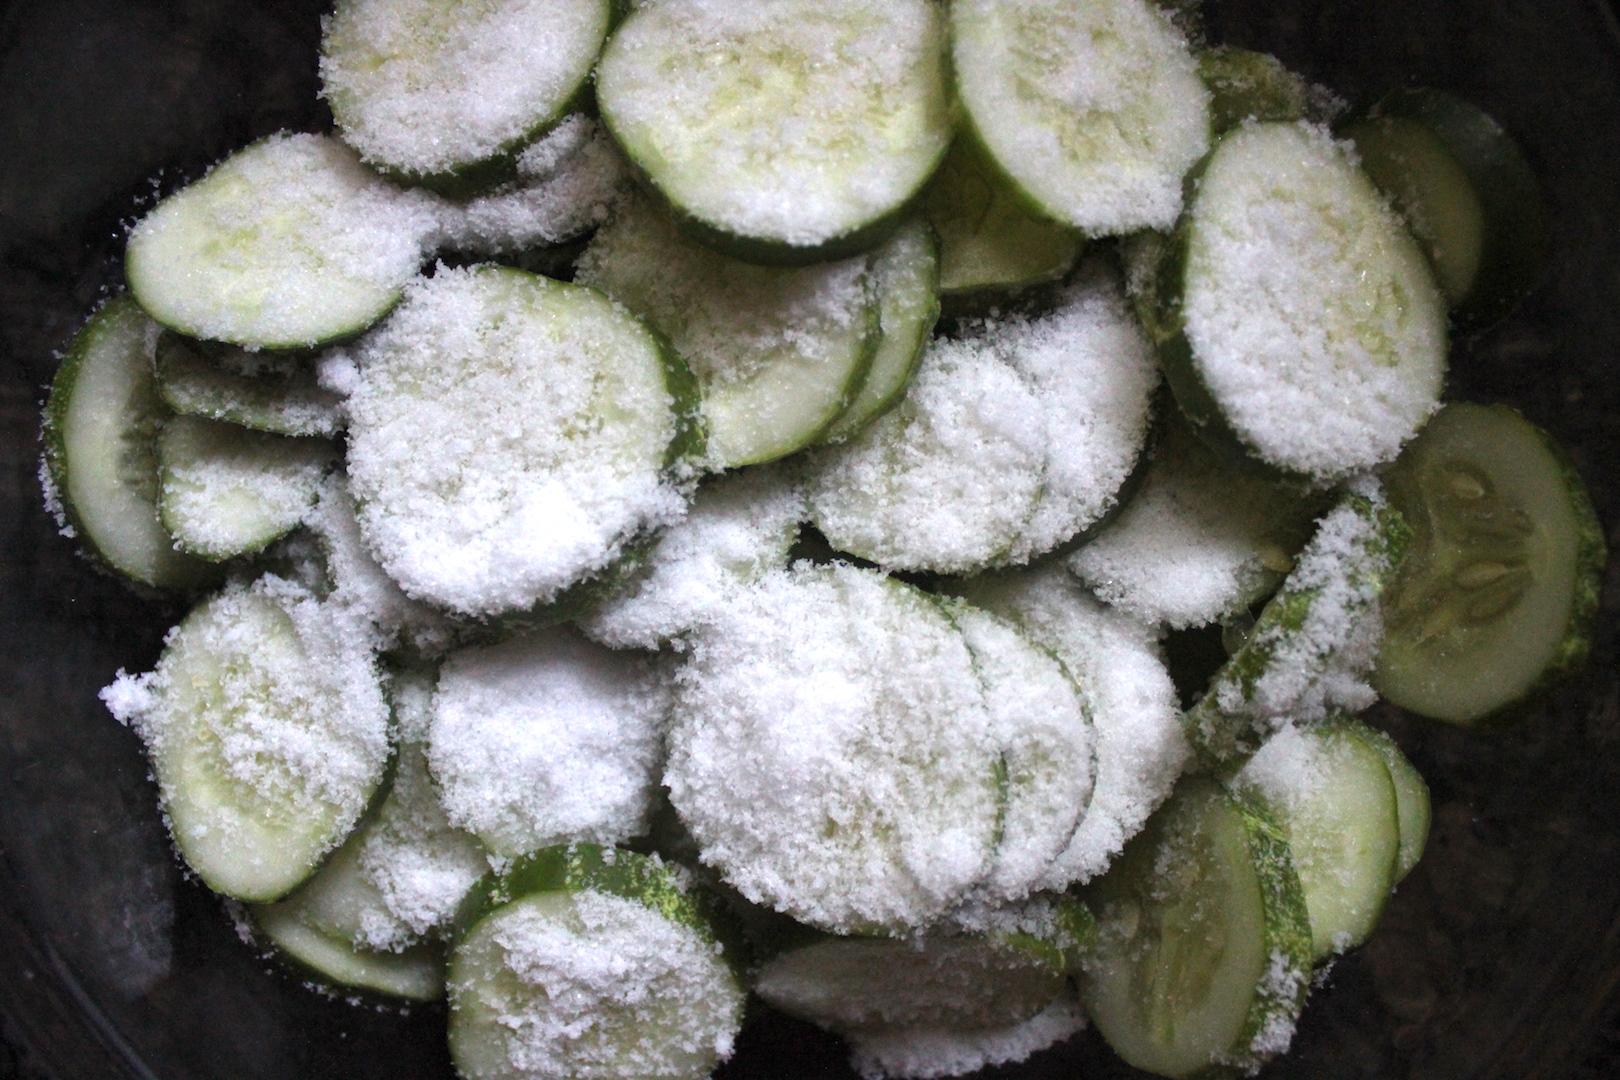 Soaking cucumber slices in salt